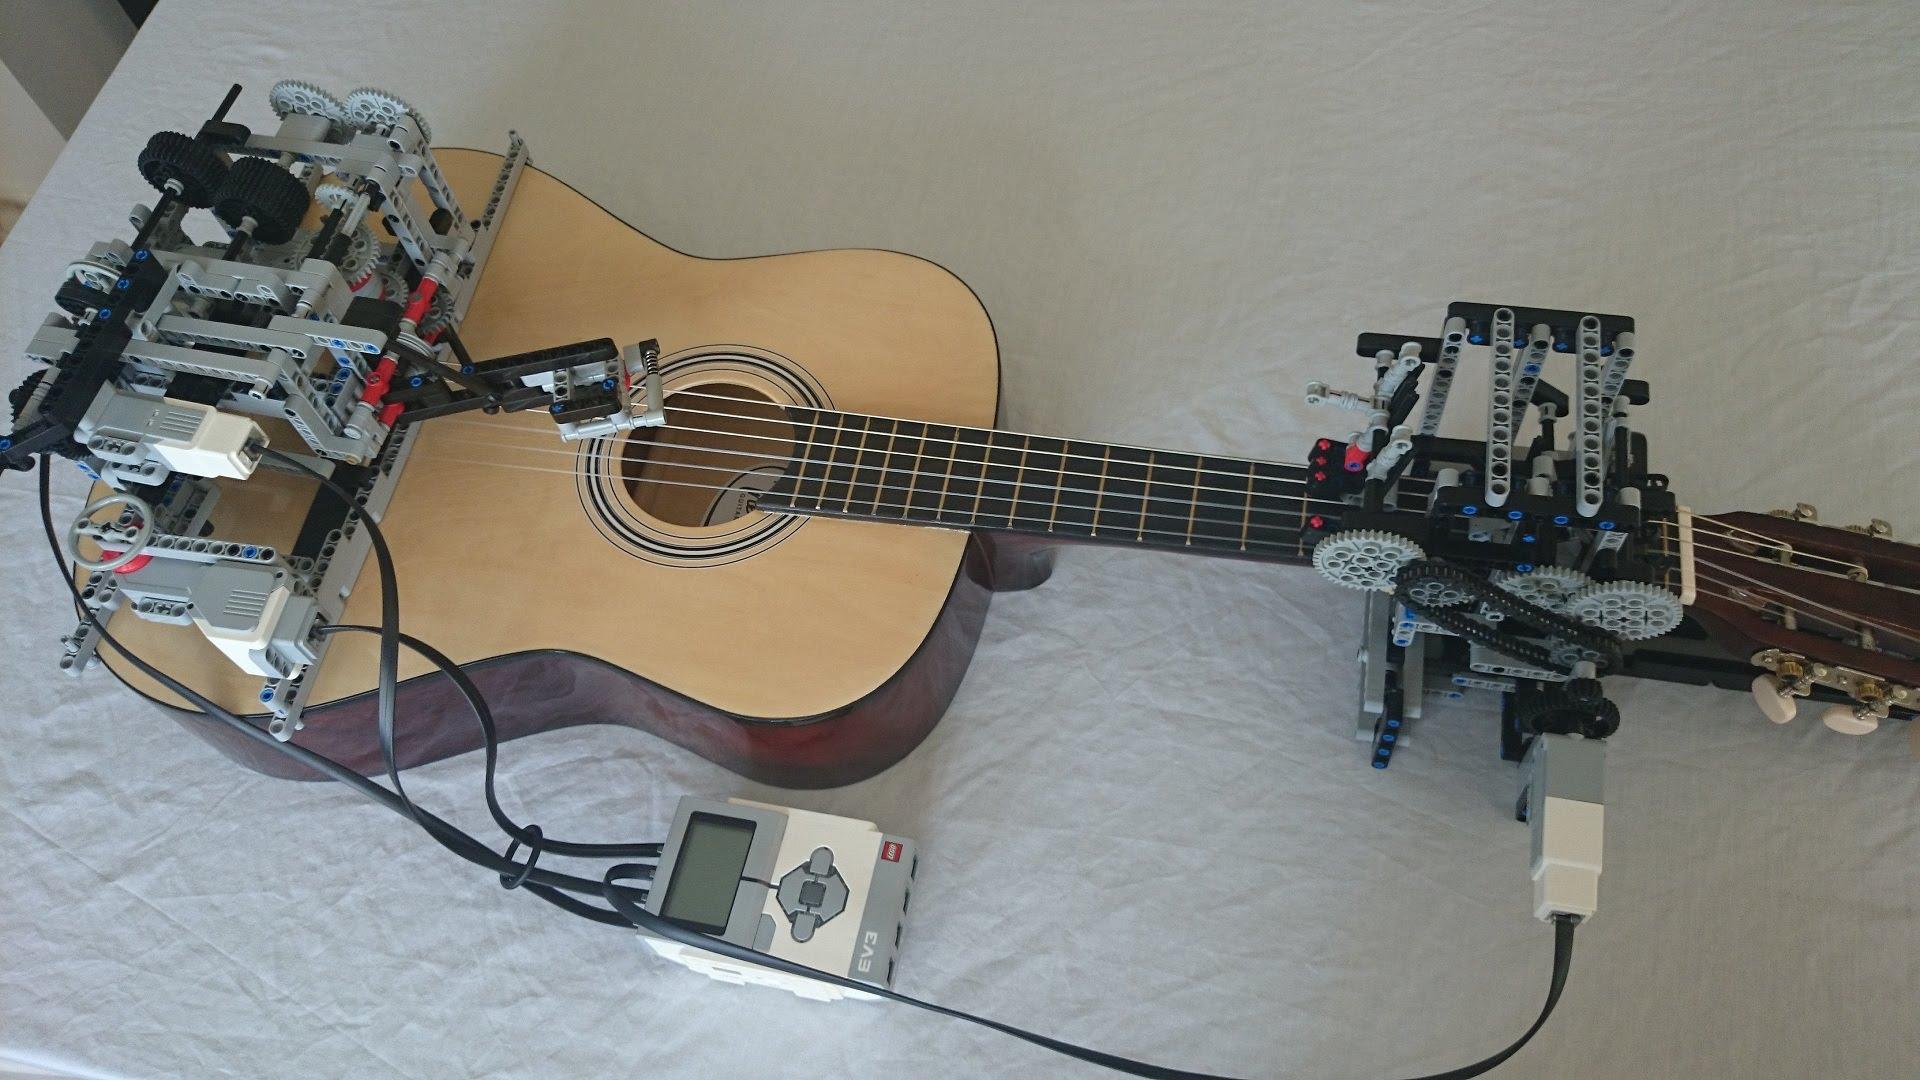 Camera Lego Mindstorm : Lego mindstorms ev guitarbot plays little talks by of monsters